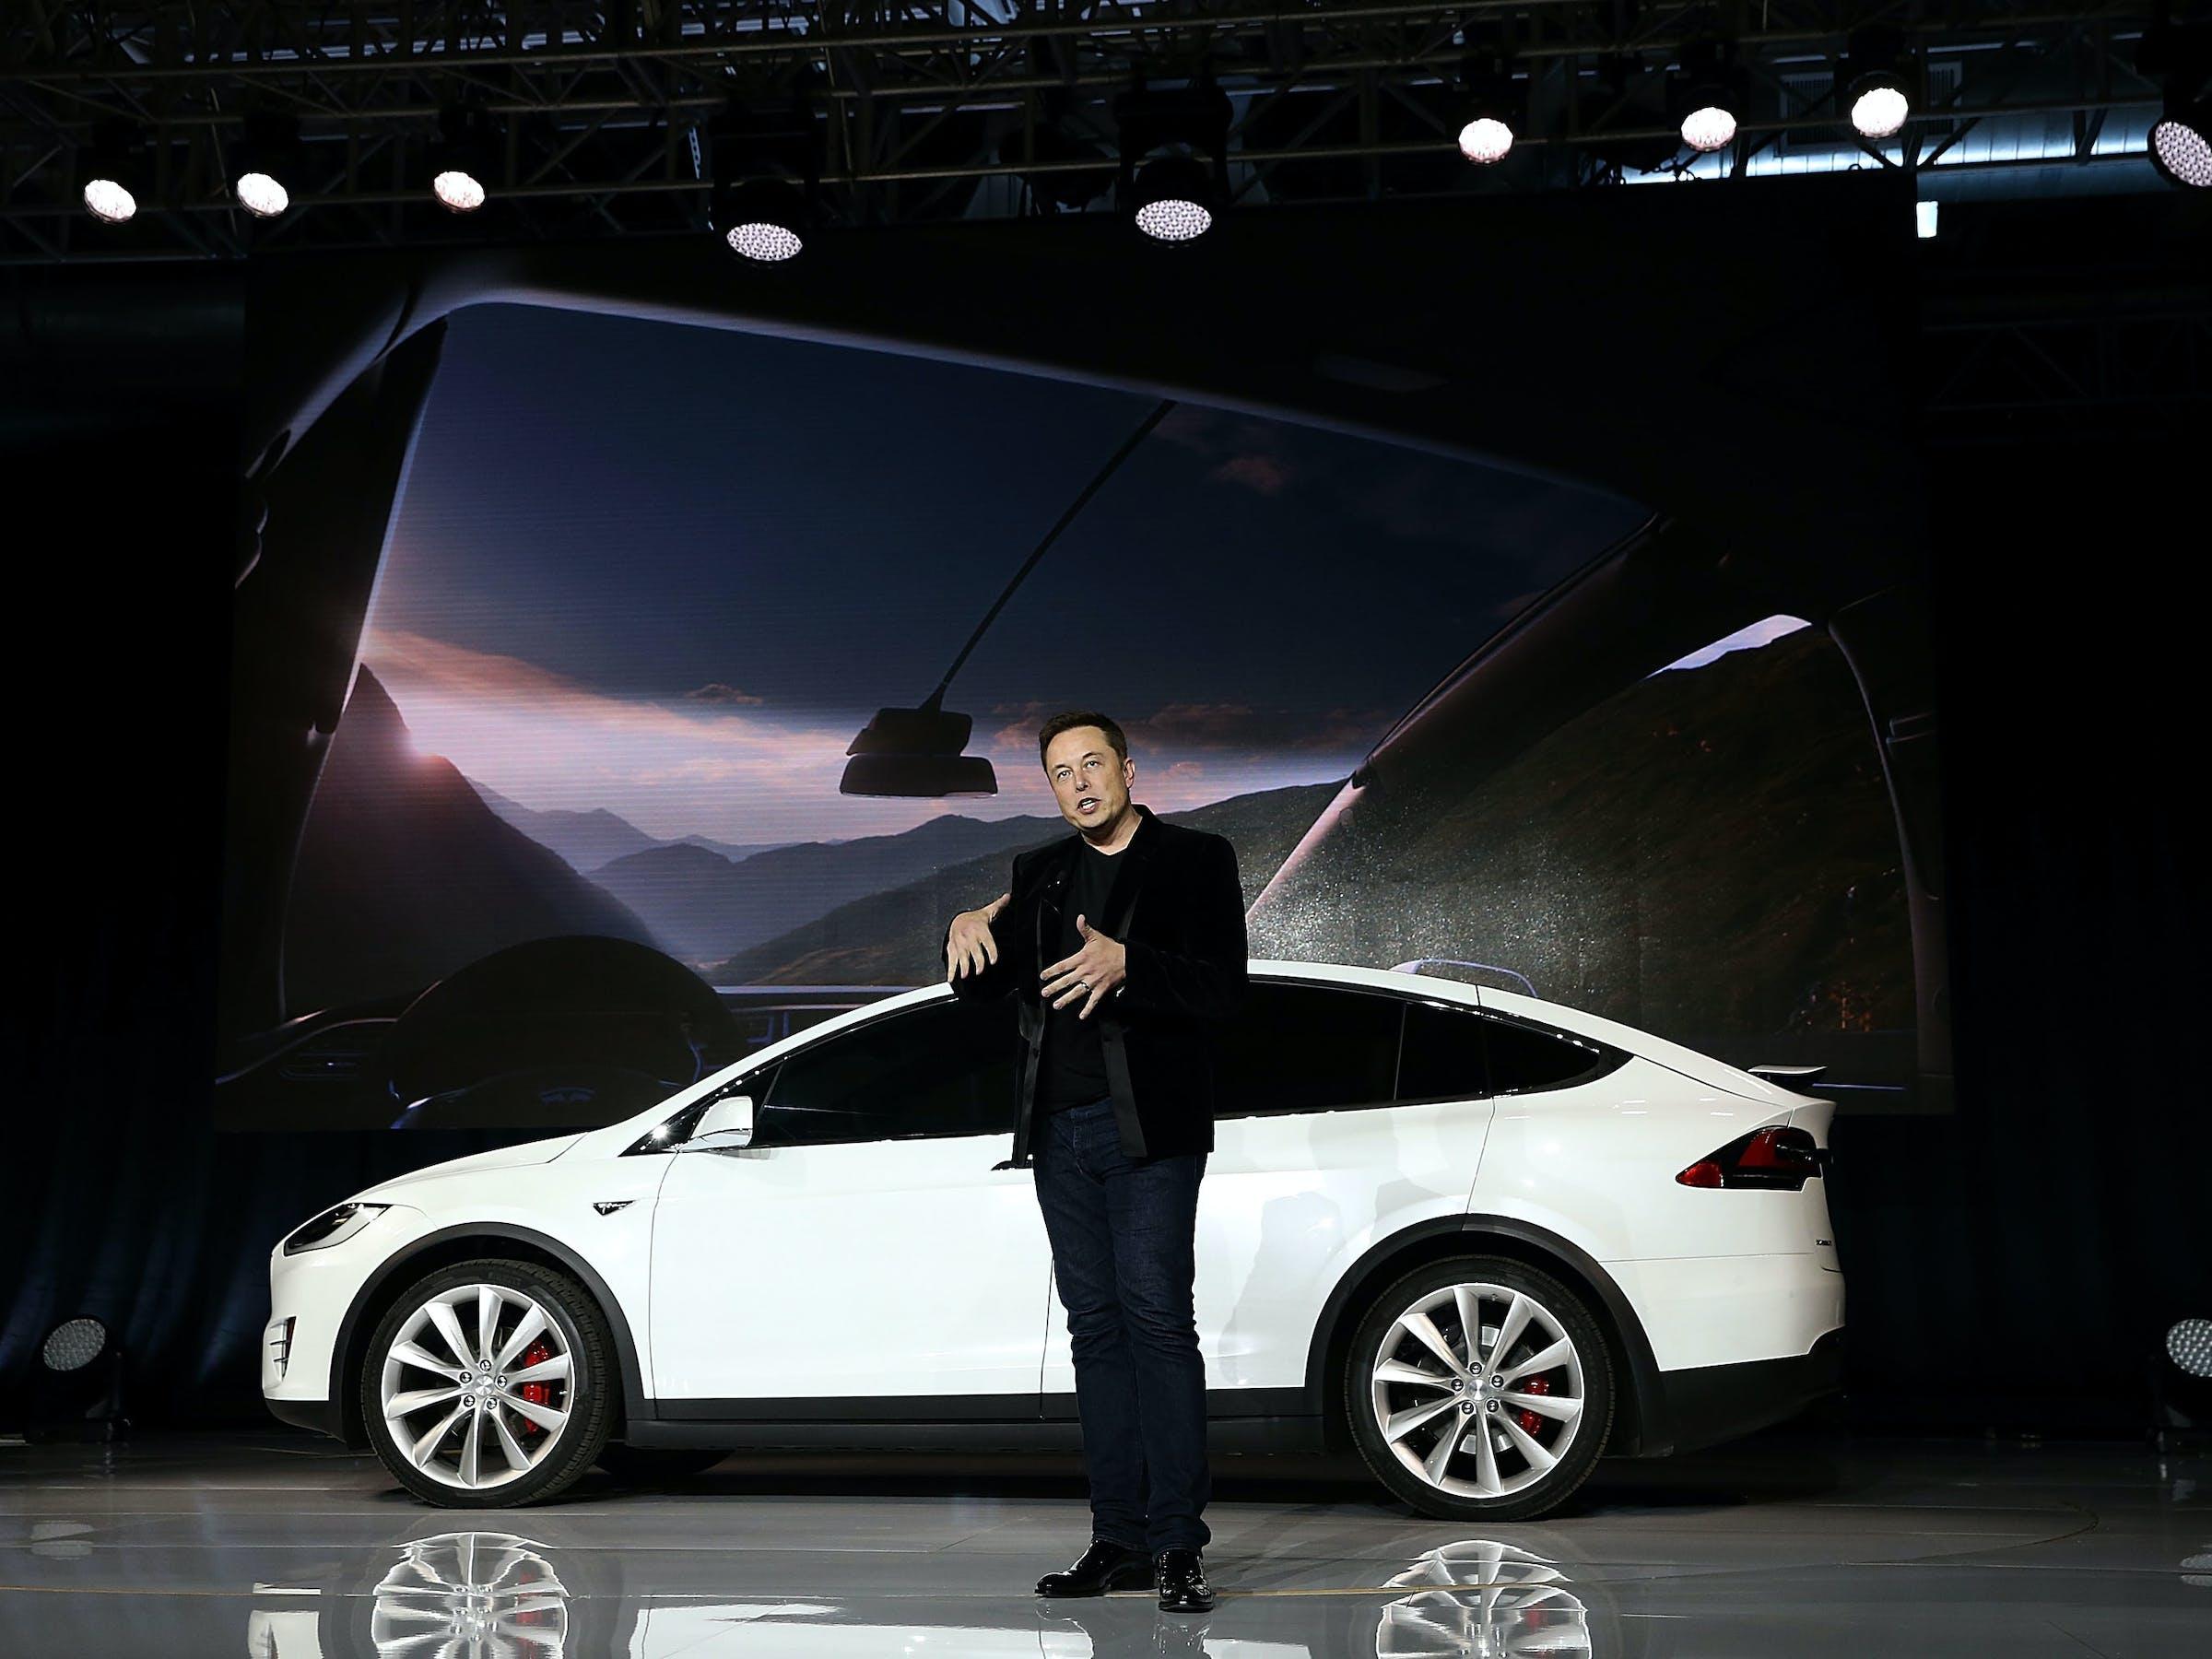 """Résultat de recherche d'images pour """"Robotic, Elon Musk, tesla, tesla vehicles, robots"""""""